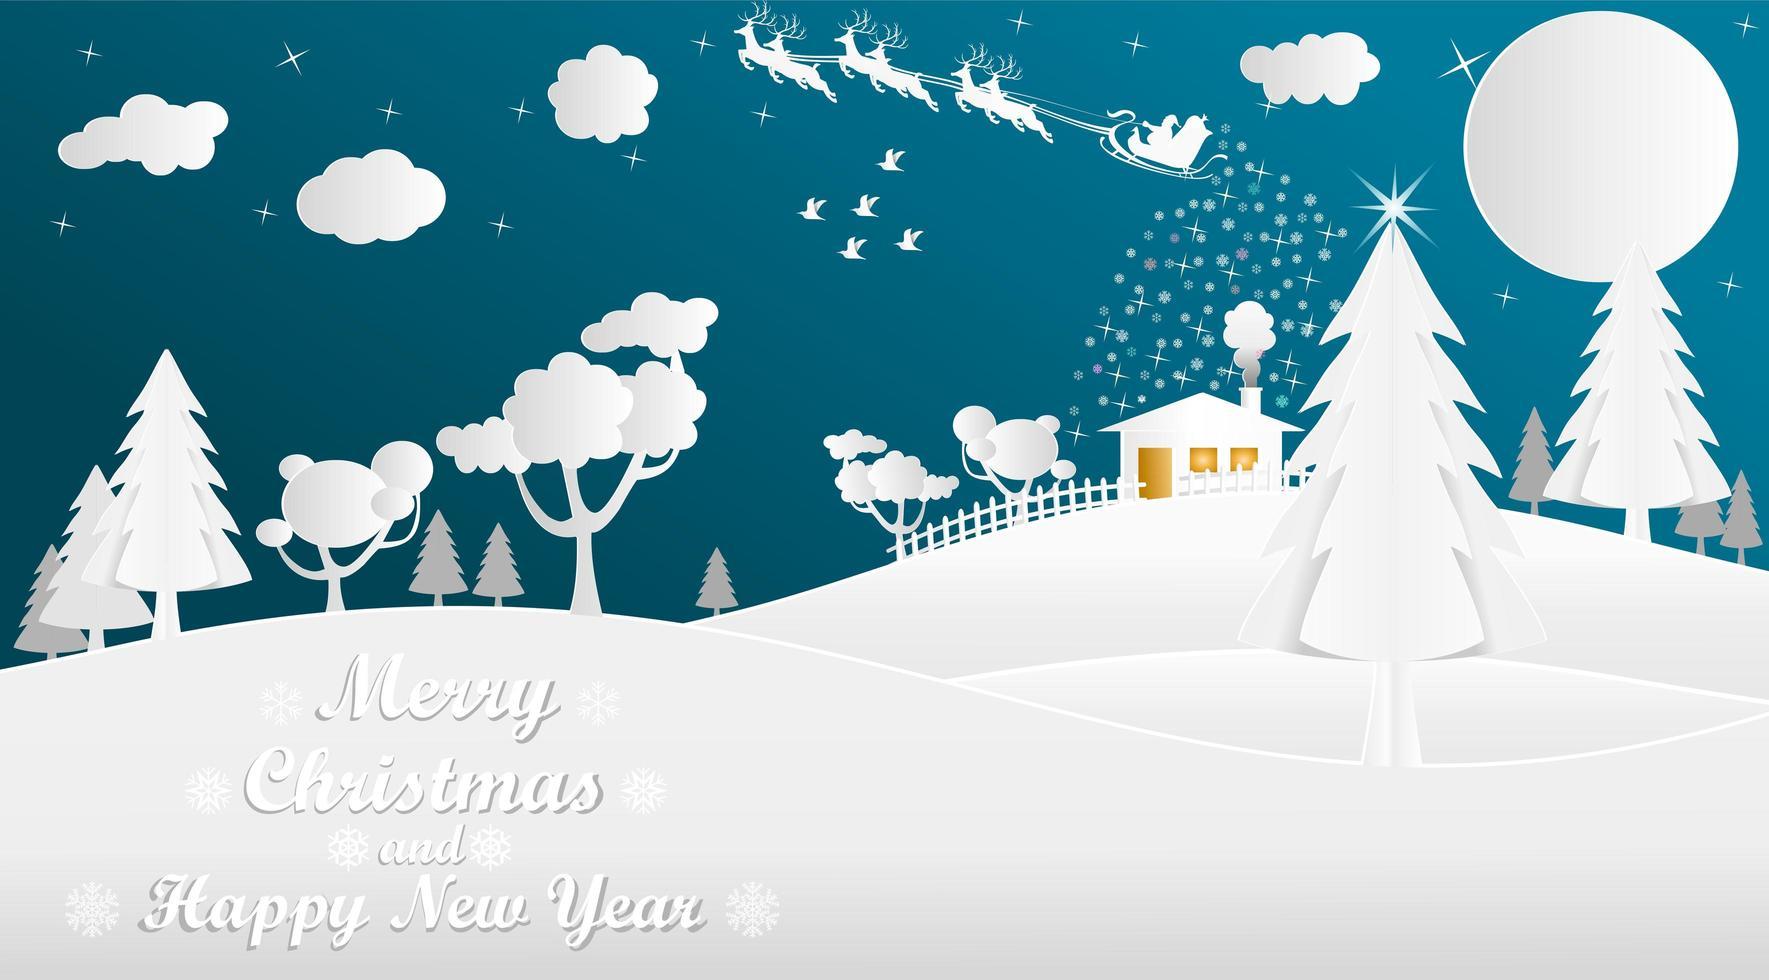 stile di taglio carta santa e slitta paesaggio invernale vettore